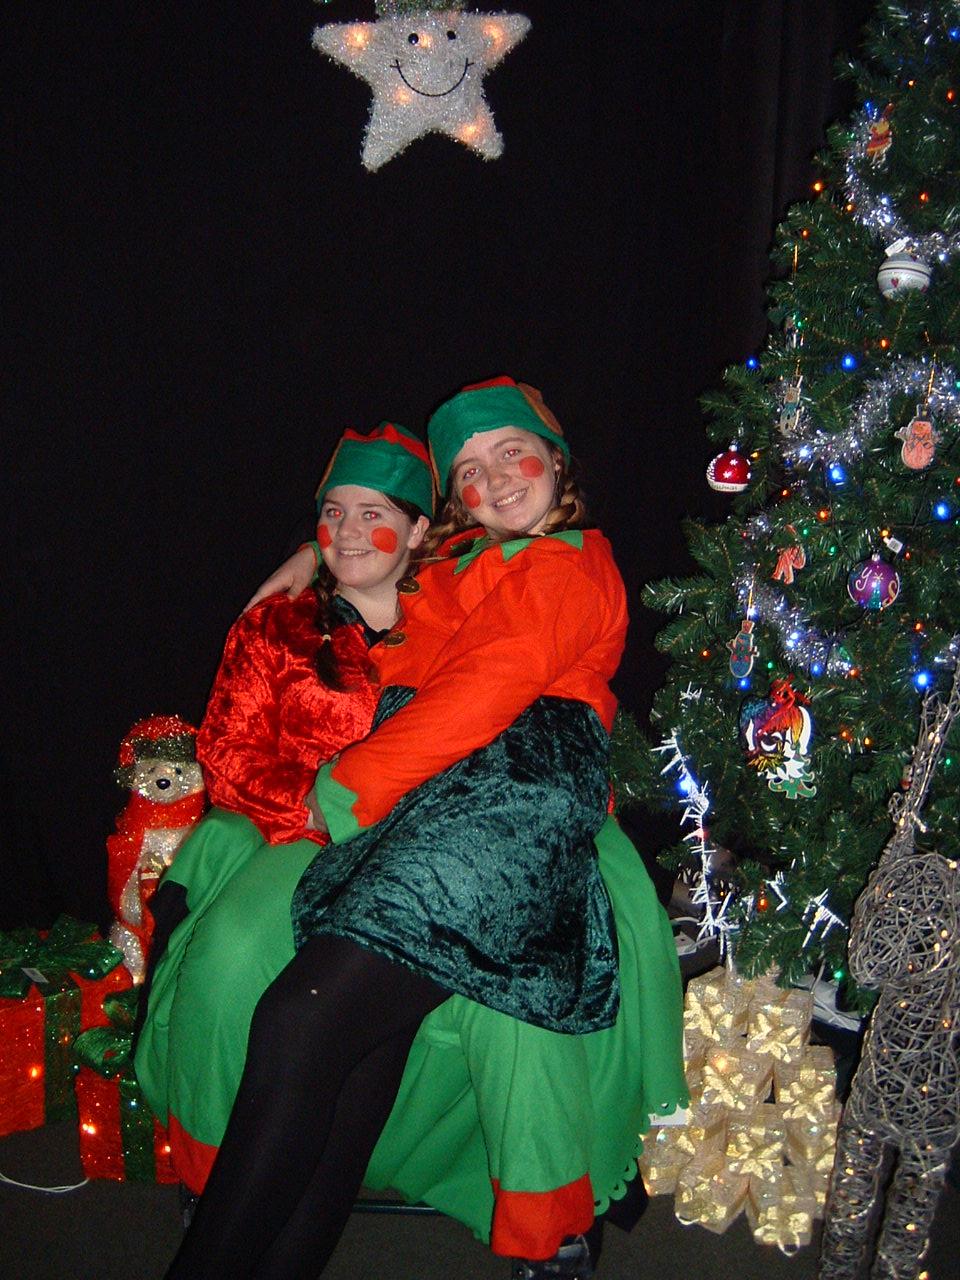 Jingle - what do you call Father Christmas' dog?  Jangle Santa Paws!